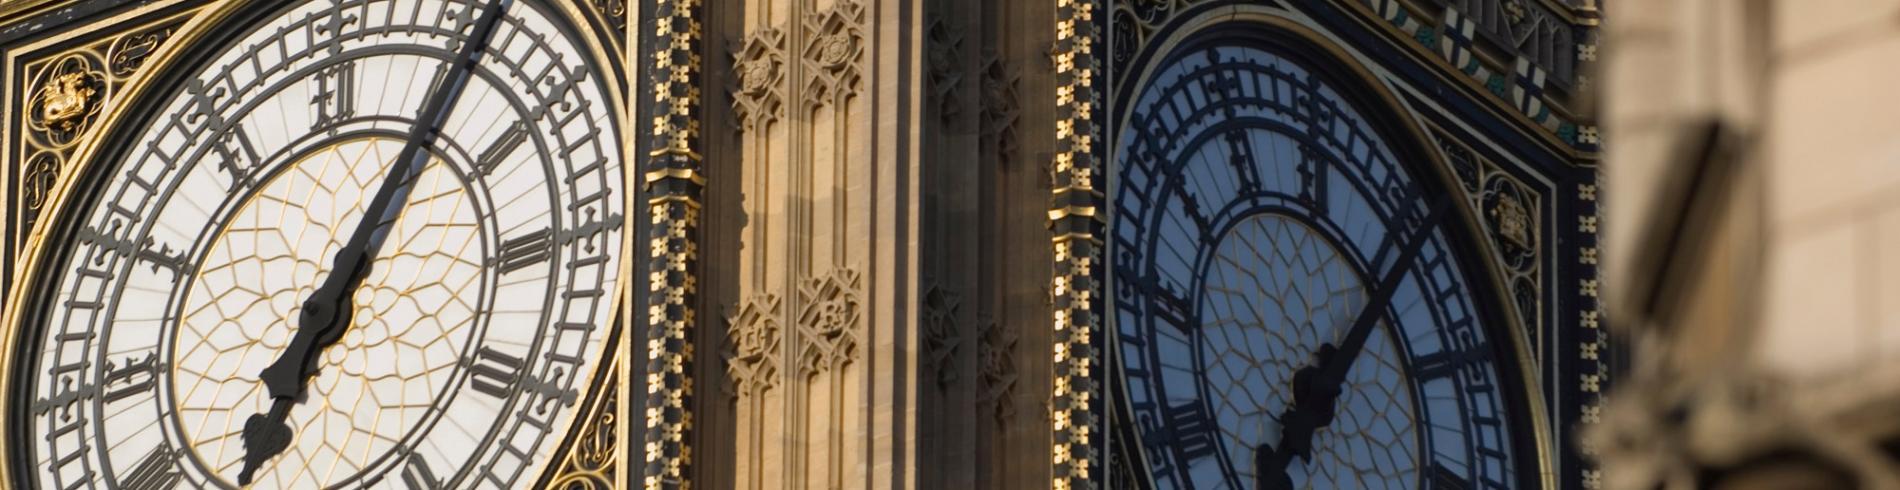 Big Ben's Great Clock